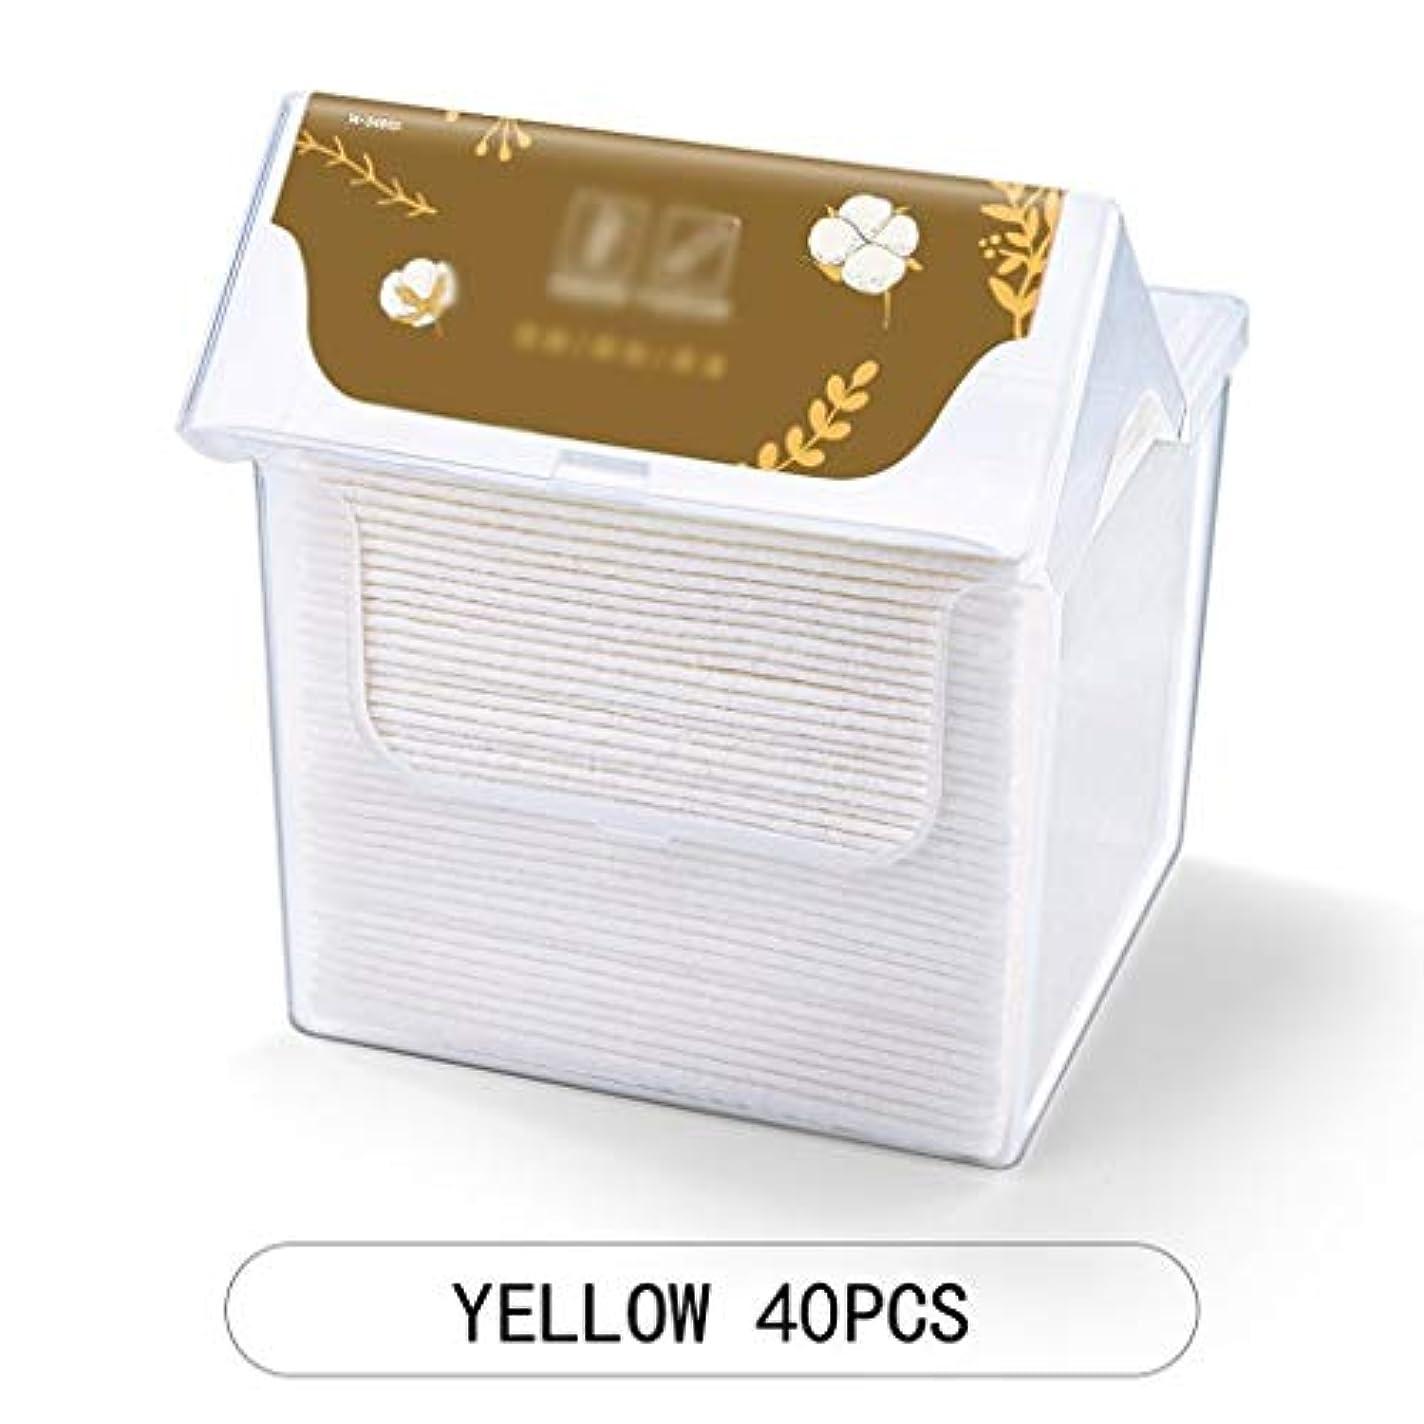 助言する骨髄クラフトクレンジングシート 柔らかい綿のティッシュメイクアップワイプ多目的フェイスクリーニングフェイスクロスコットンパッドメイクアップ取り外し家庭用クリーニング (Color : Green)